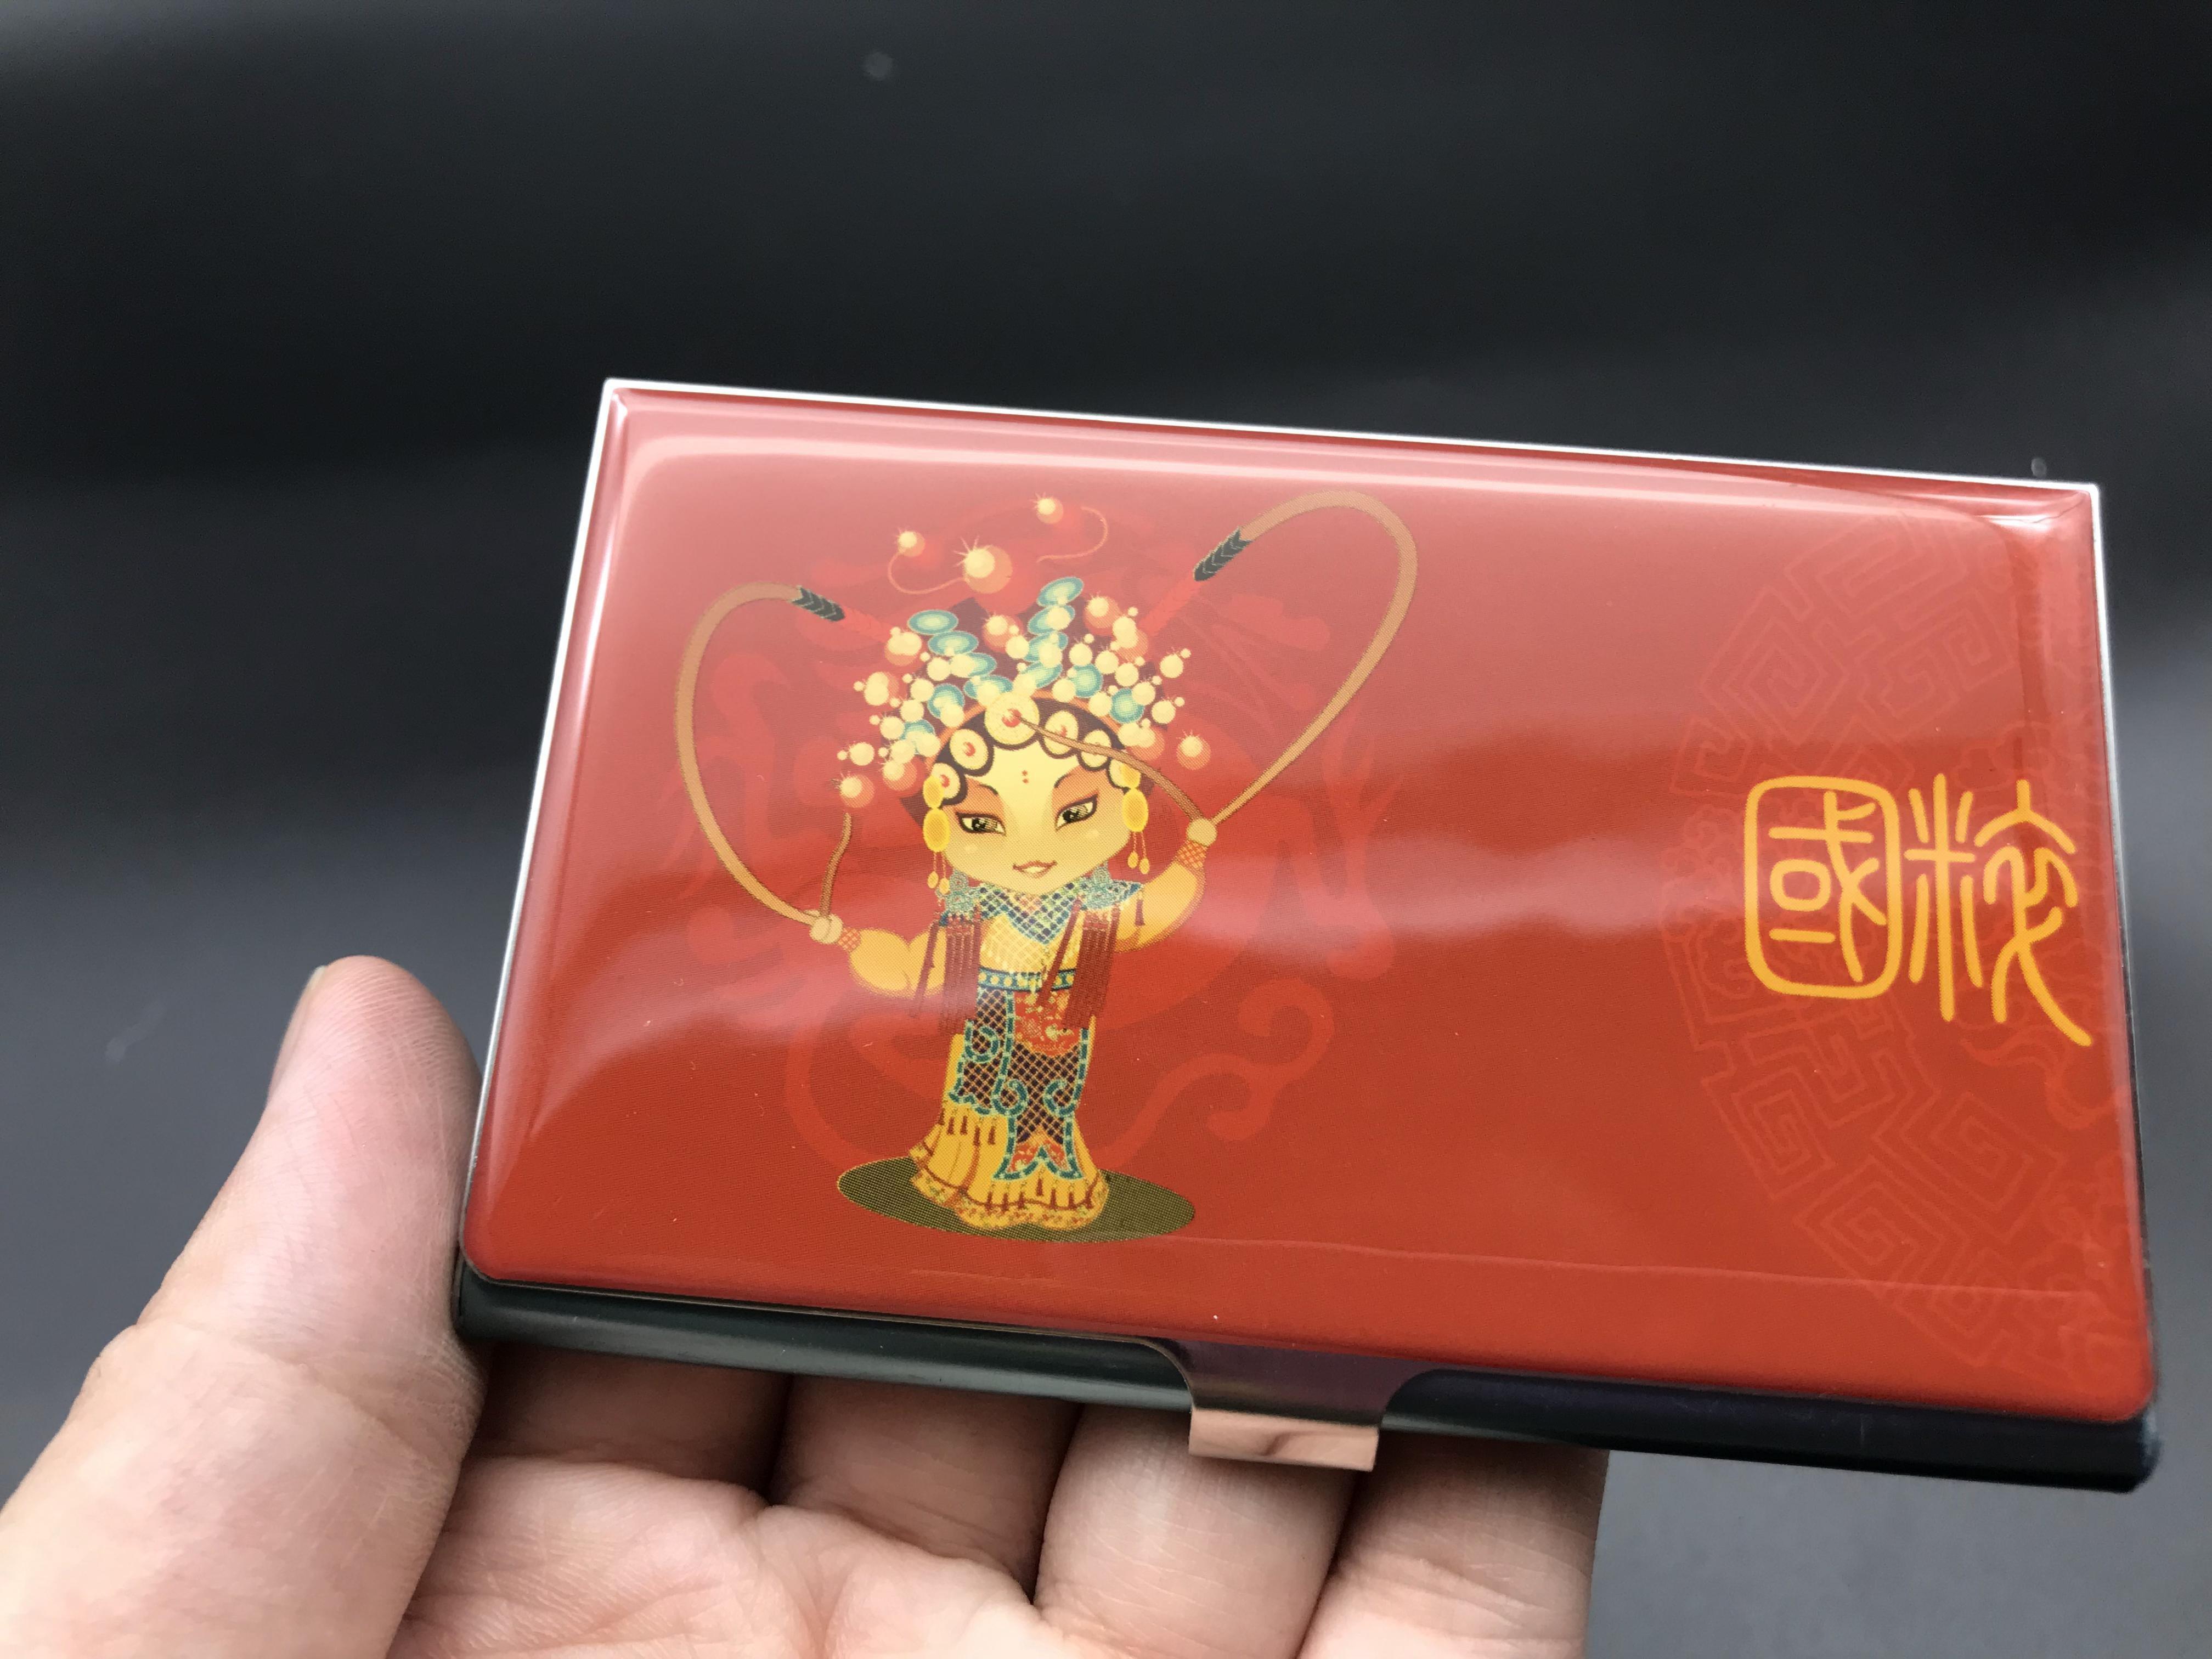 K-024 穆桂英 卡通京劇 拉絲名片盒 收納盒 銀行卡盒 卡包展會 男女 商務不鏽鋼名片盒名片夾 高檔金屬薄款